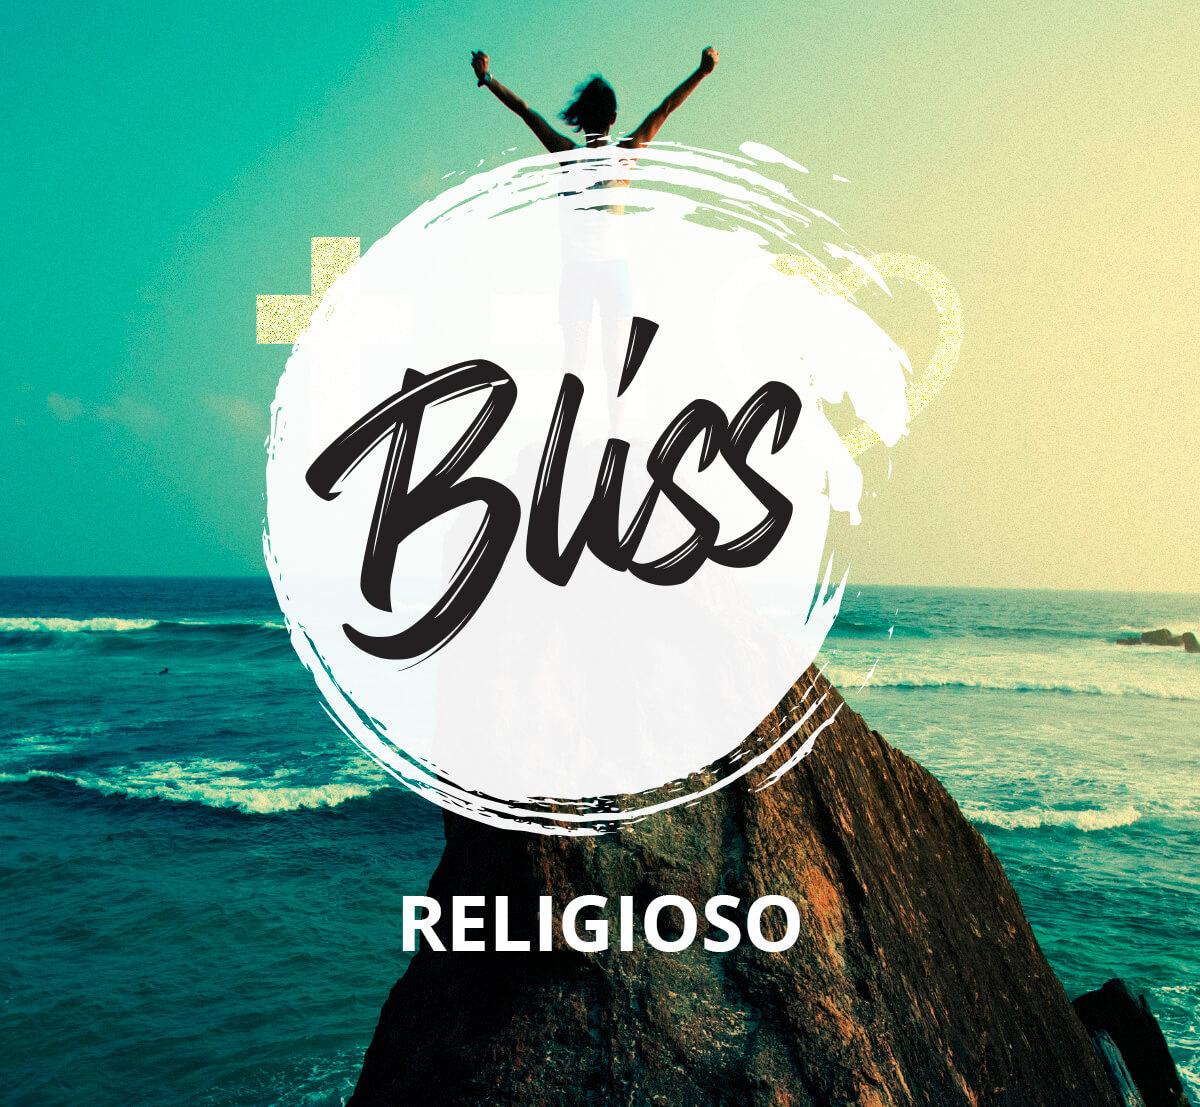 Bliss Religioso